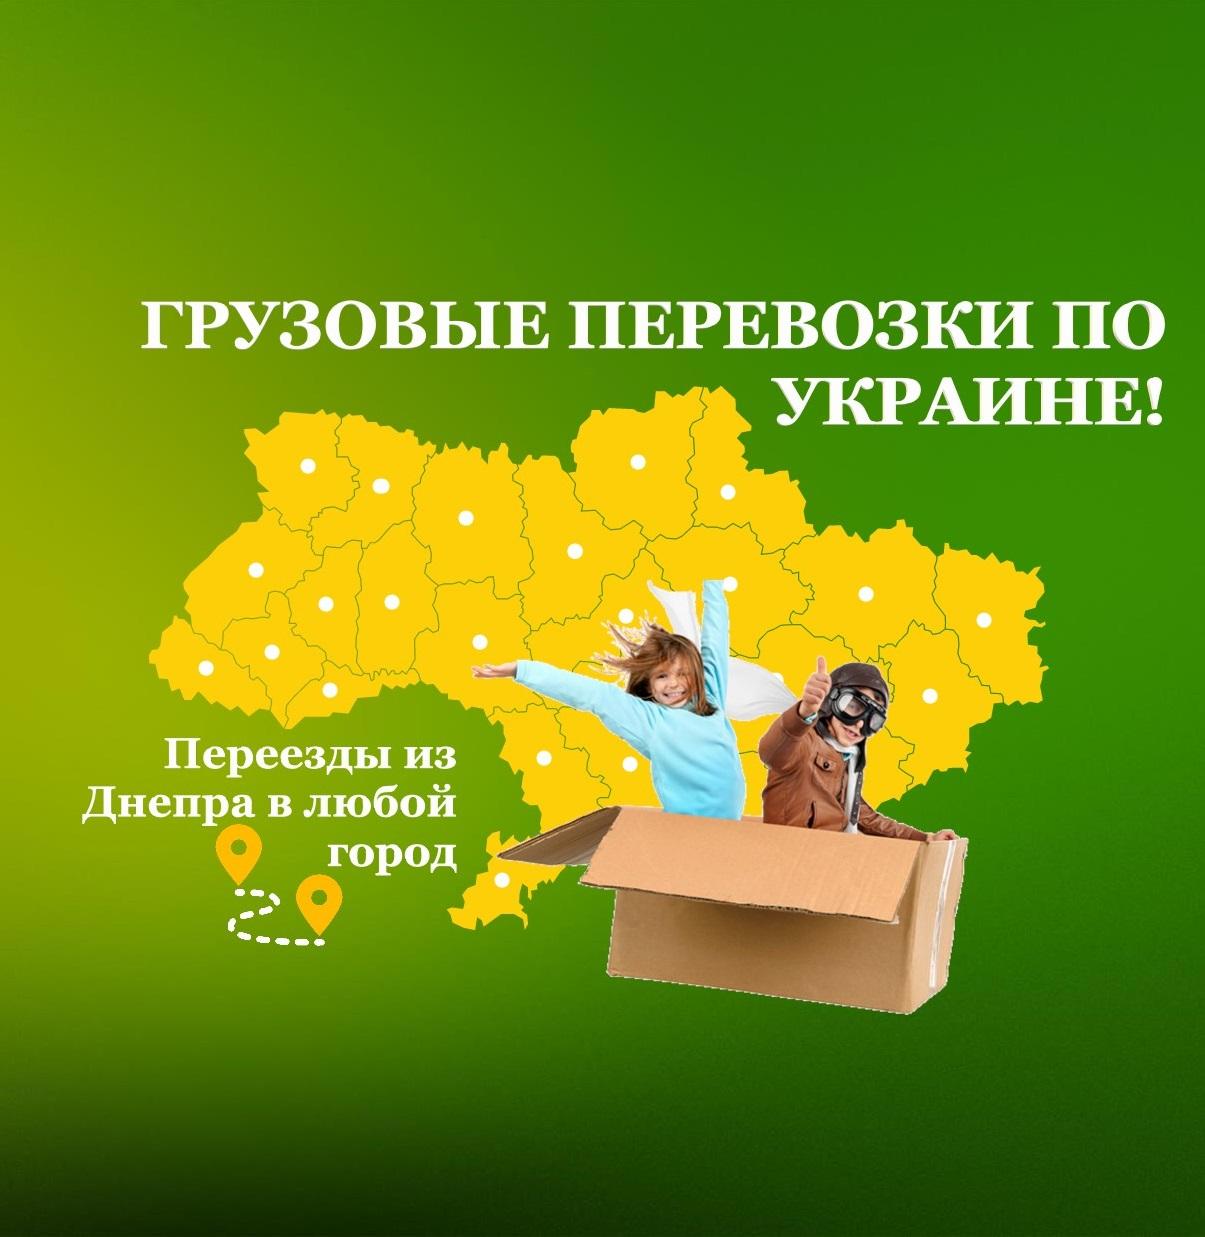 gruzoperevozki-po-ukraine